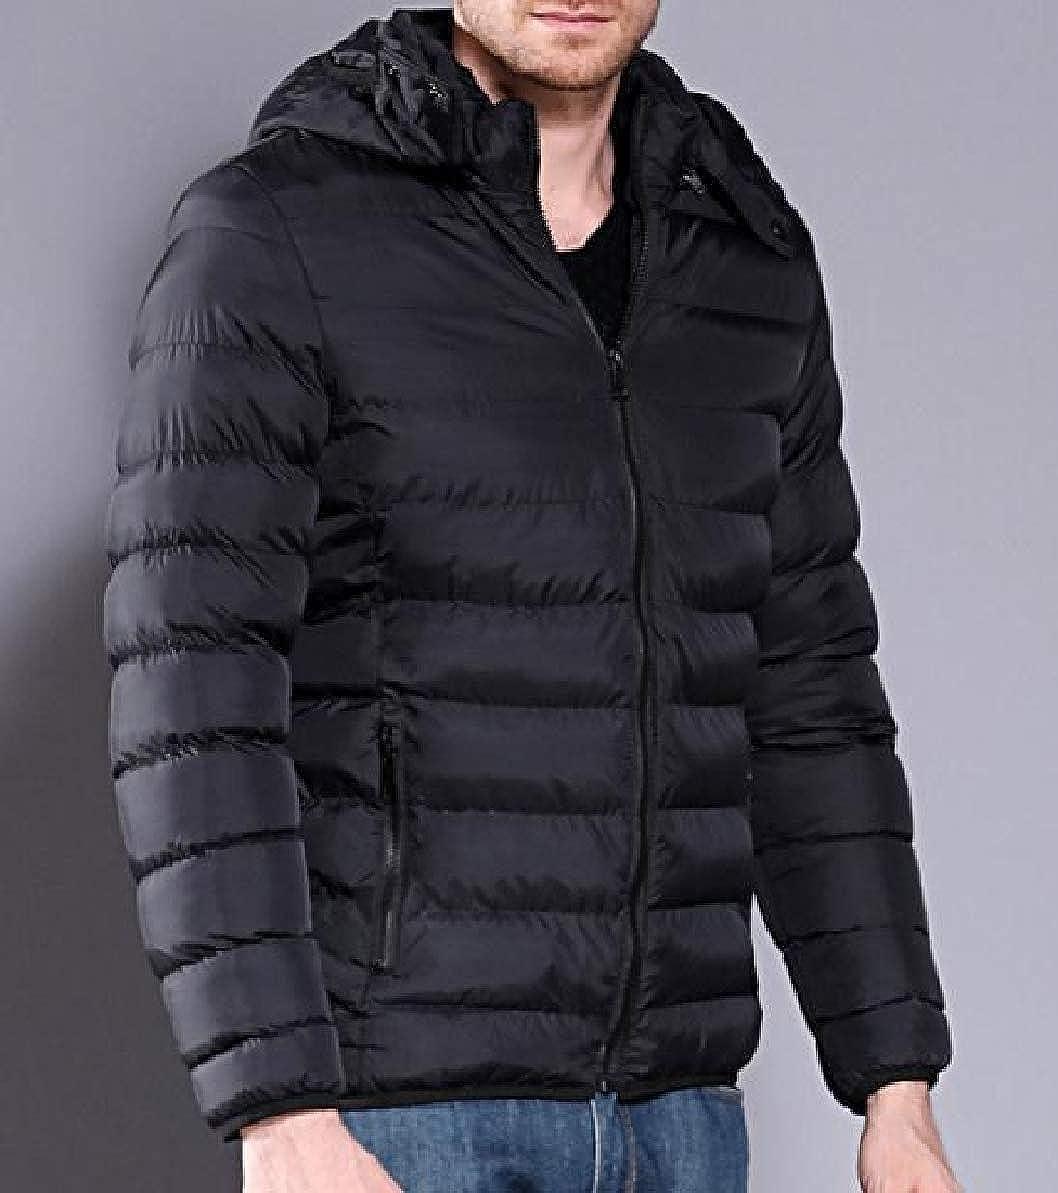 Zimaes-Men Warm Hood Zip-up Waterproof Outwear Winter Parka Jacket Coat Outwear